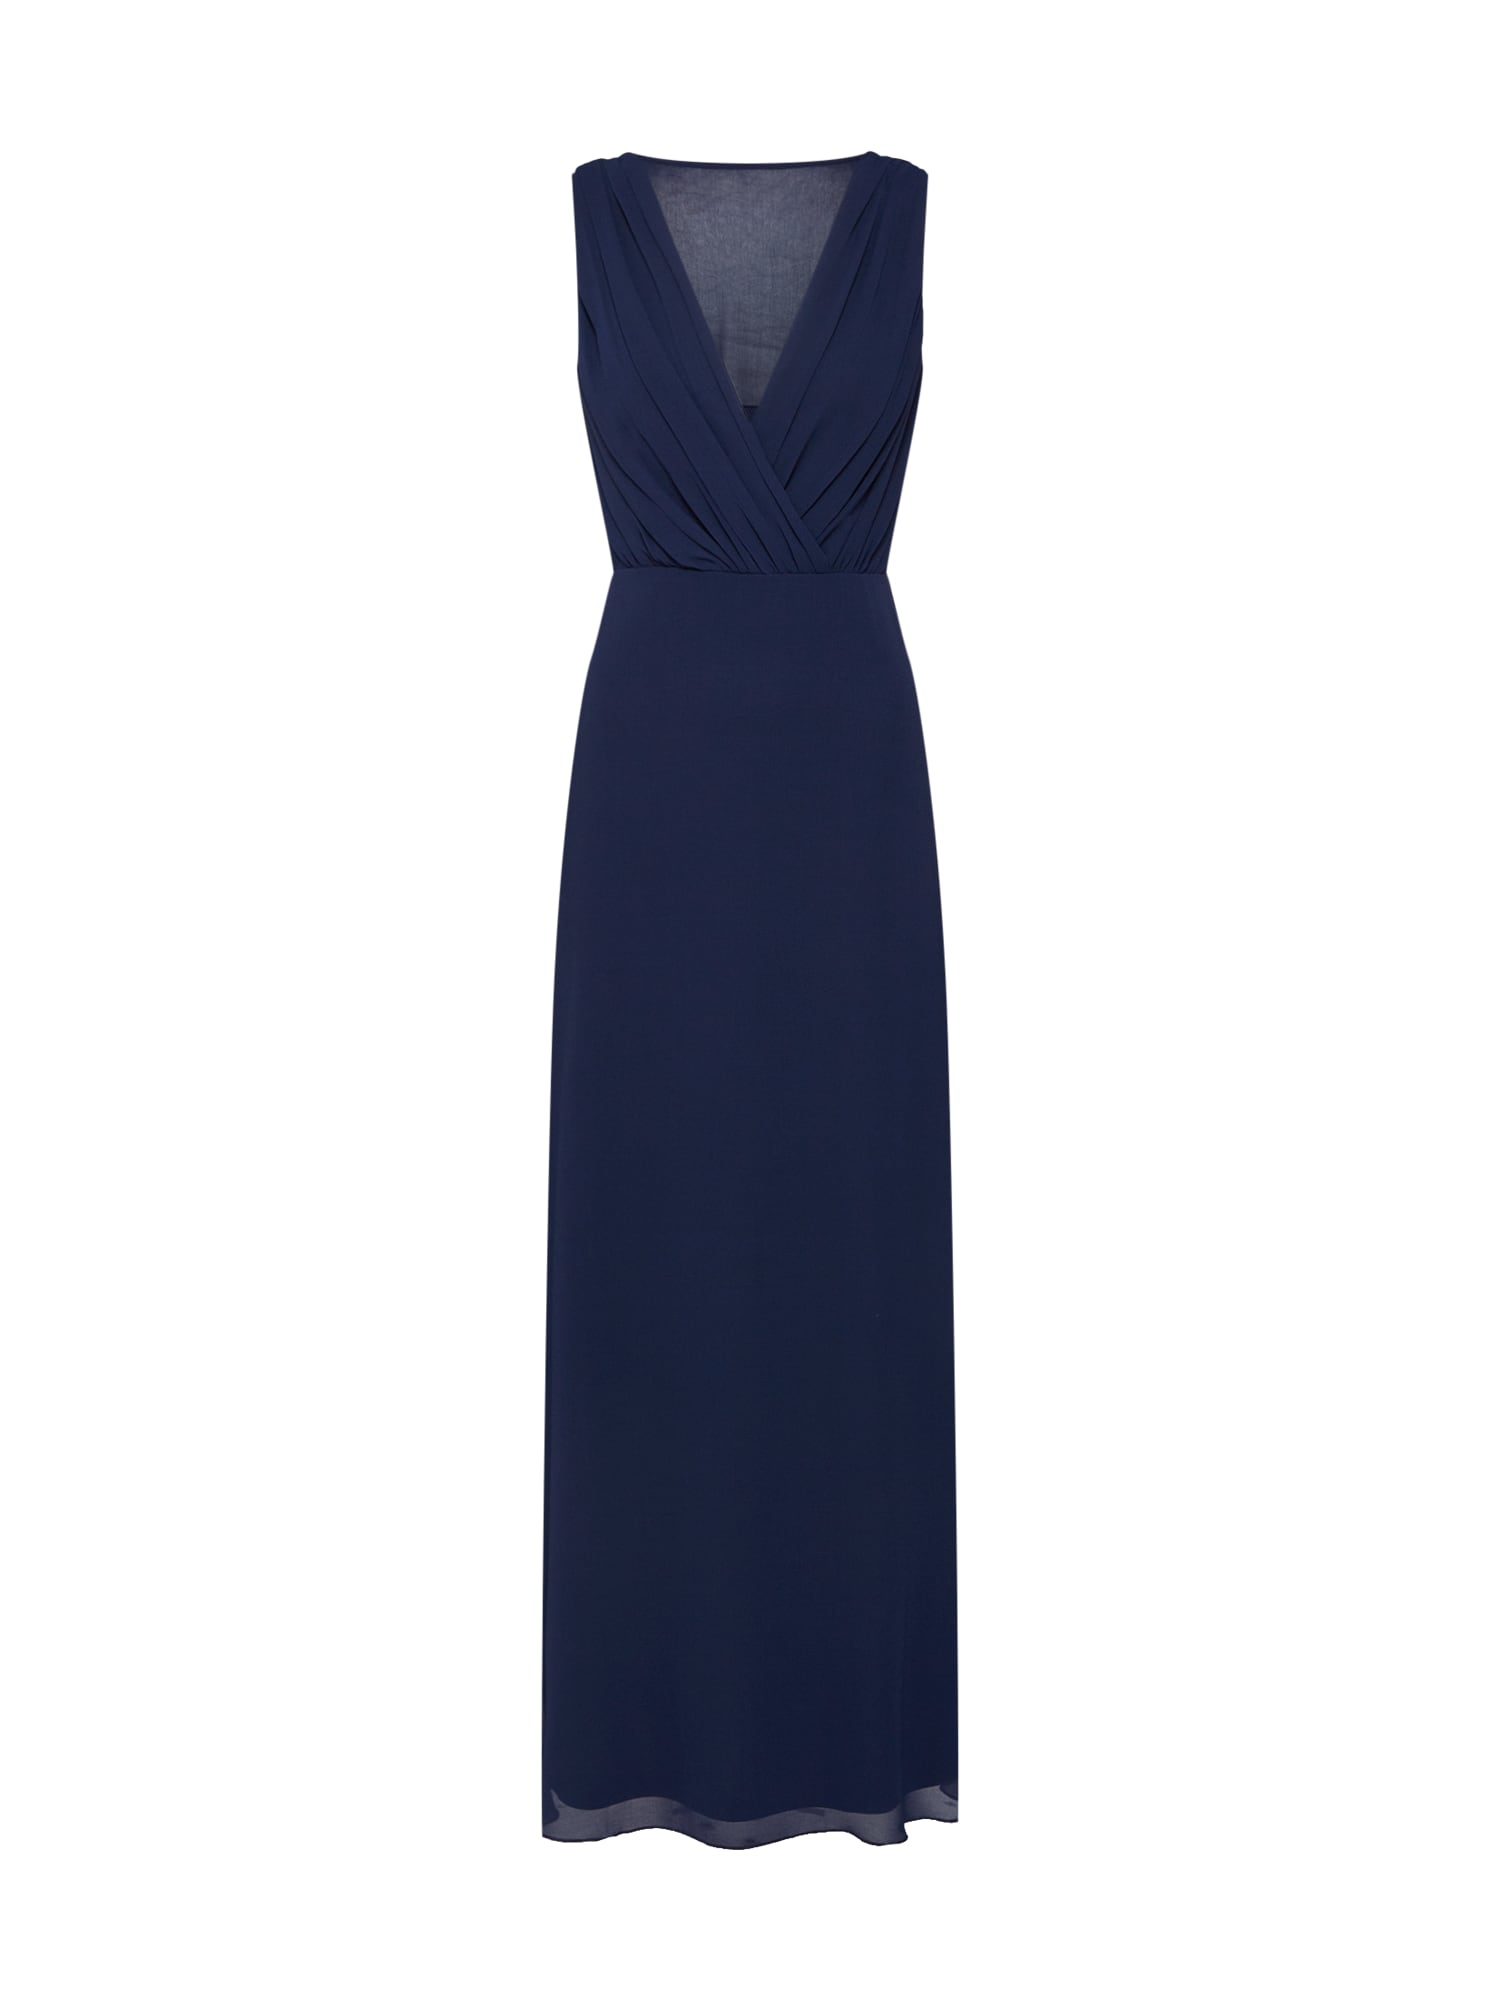 Společenské šaty VIALLI námořnická modř VILA